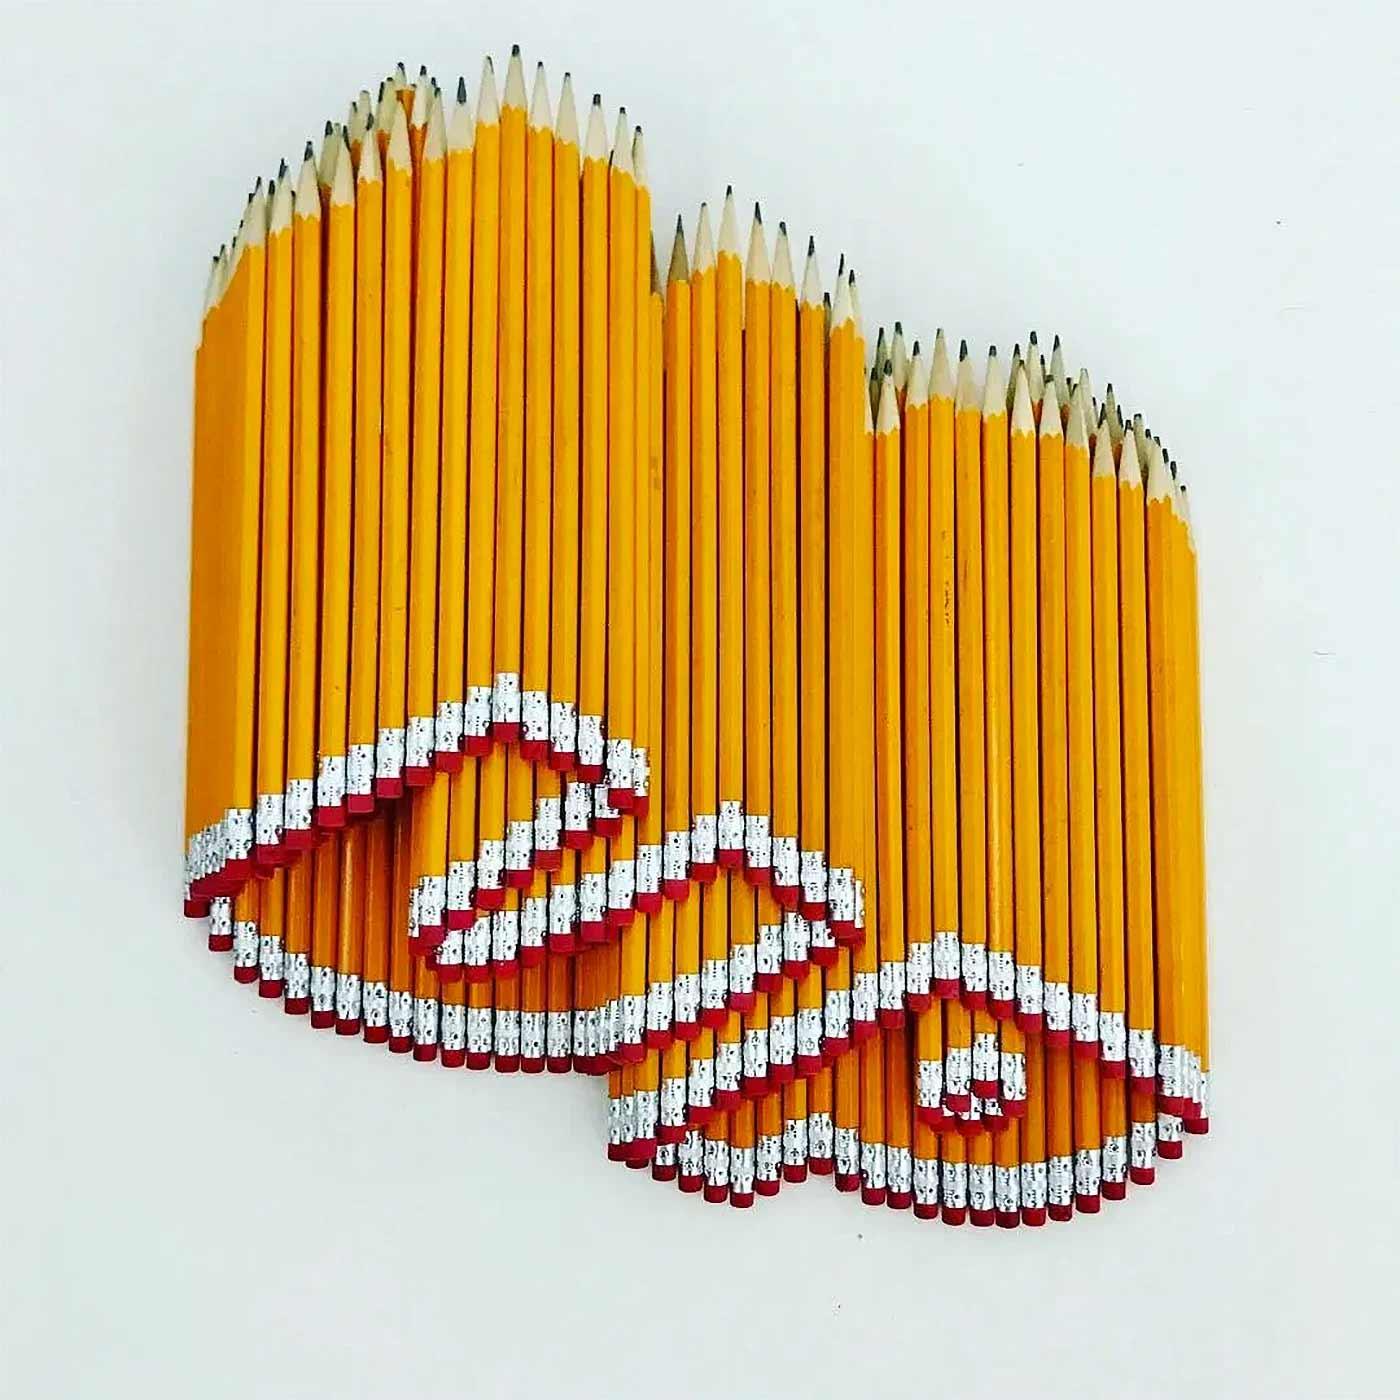 Bleistift-Mosaike von Bashir Sultani Bashir-Sultani-bleistiftkunst_02